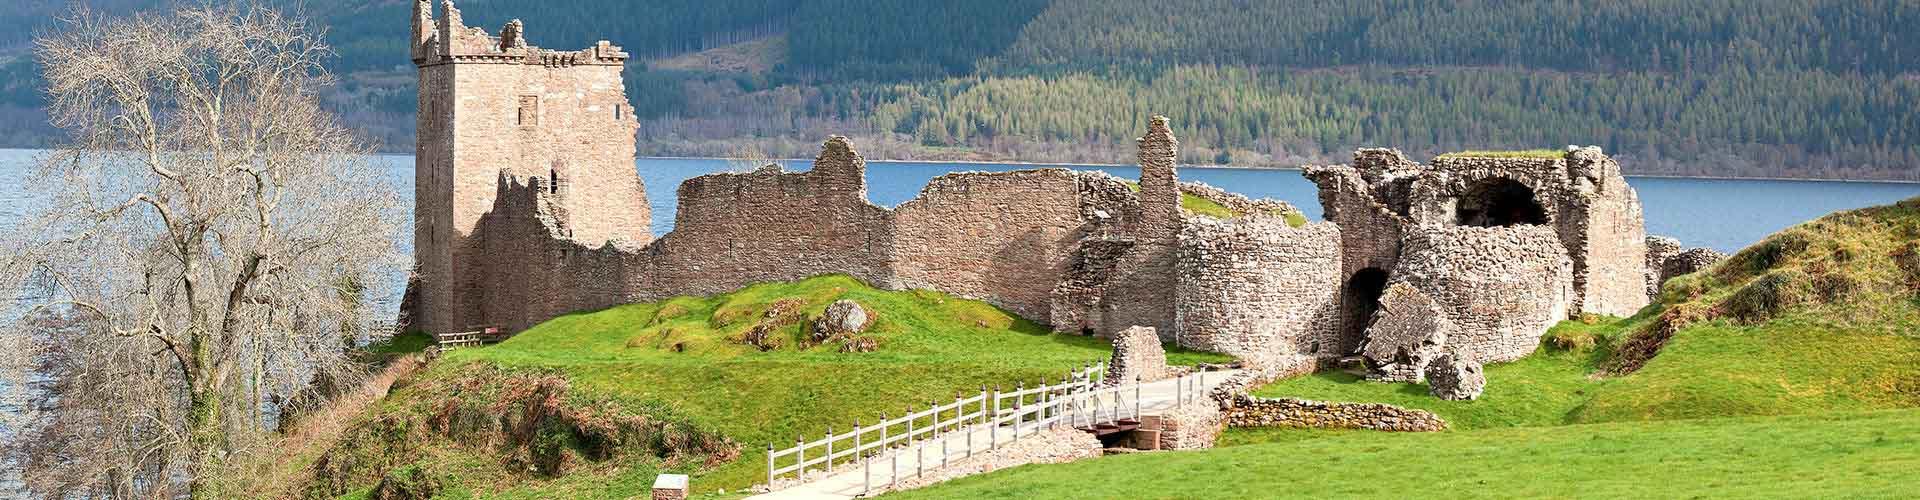 Loch Ness - Hostelů v Loch Ness. Mapy pro Loch Ness, fotky a recenze pro každý hostel v Loch Ness.